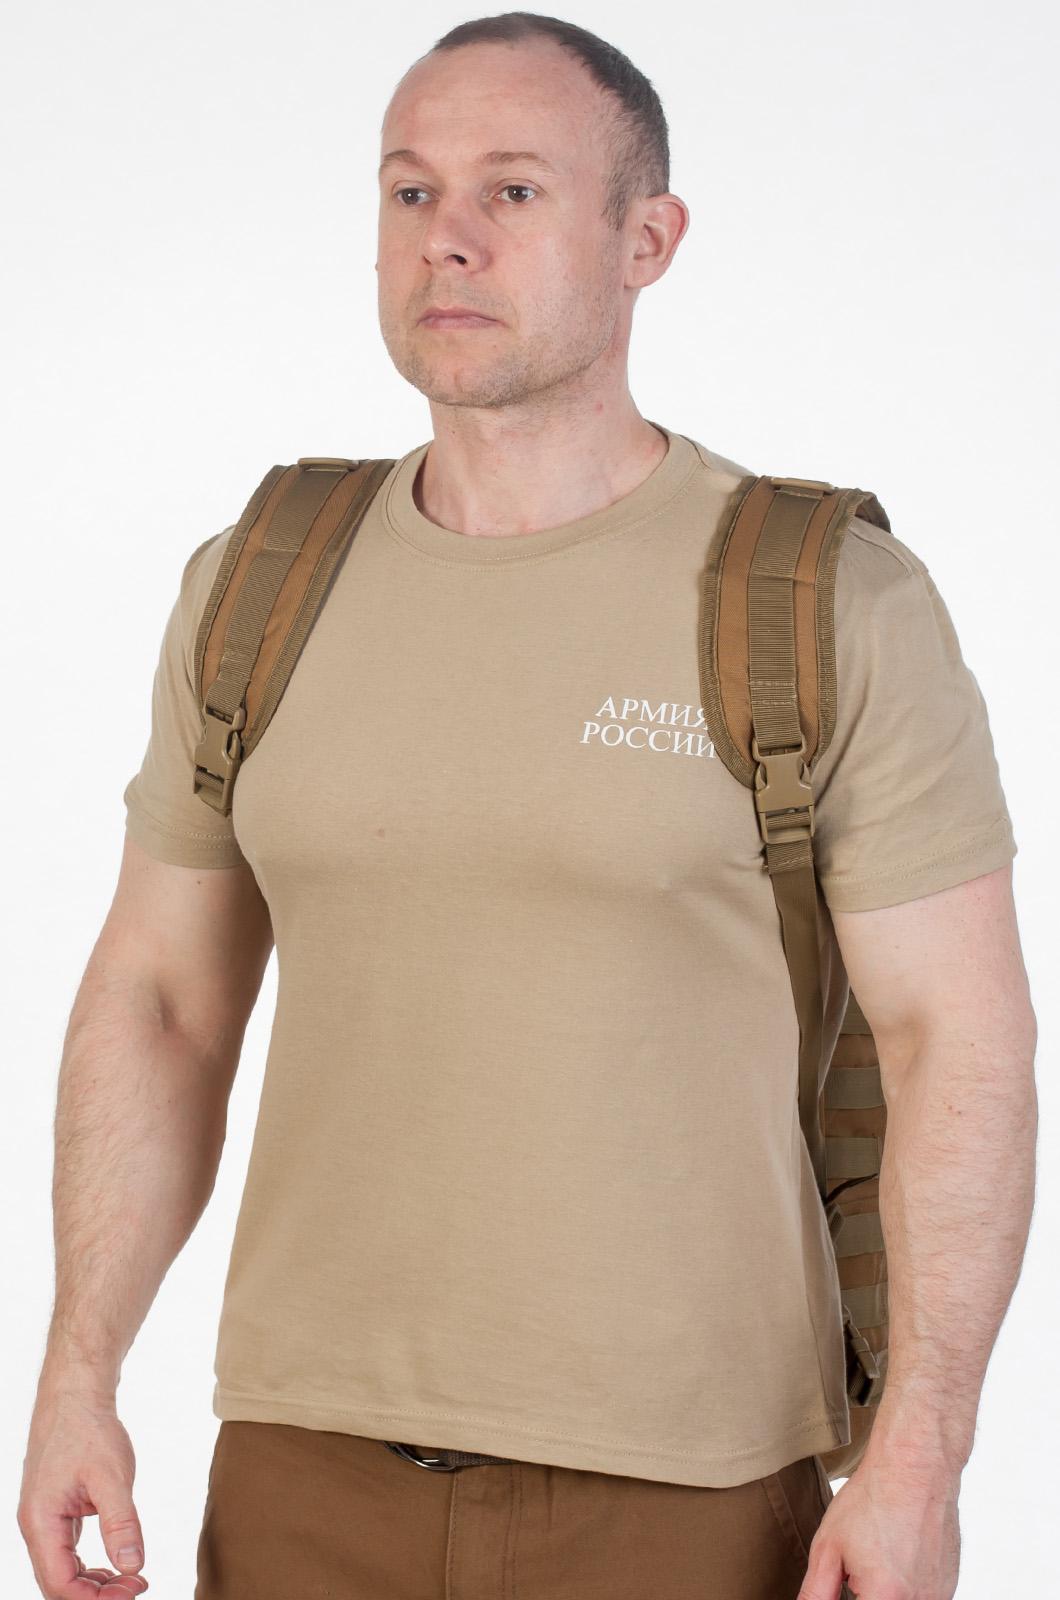 Мужской практичный рюкзак с нашивкой Охотничий Спецназ - купить в Военпро